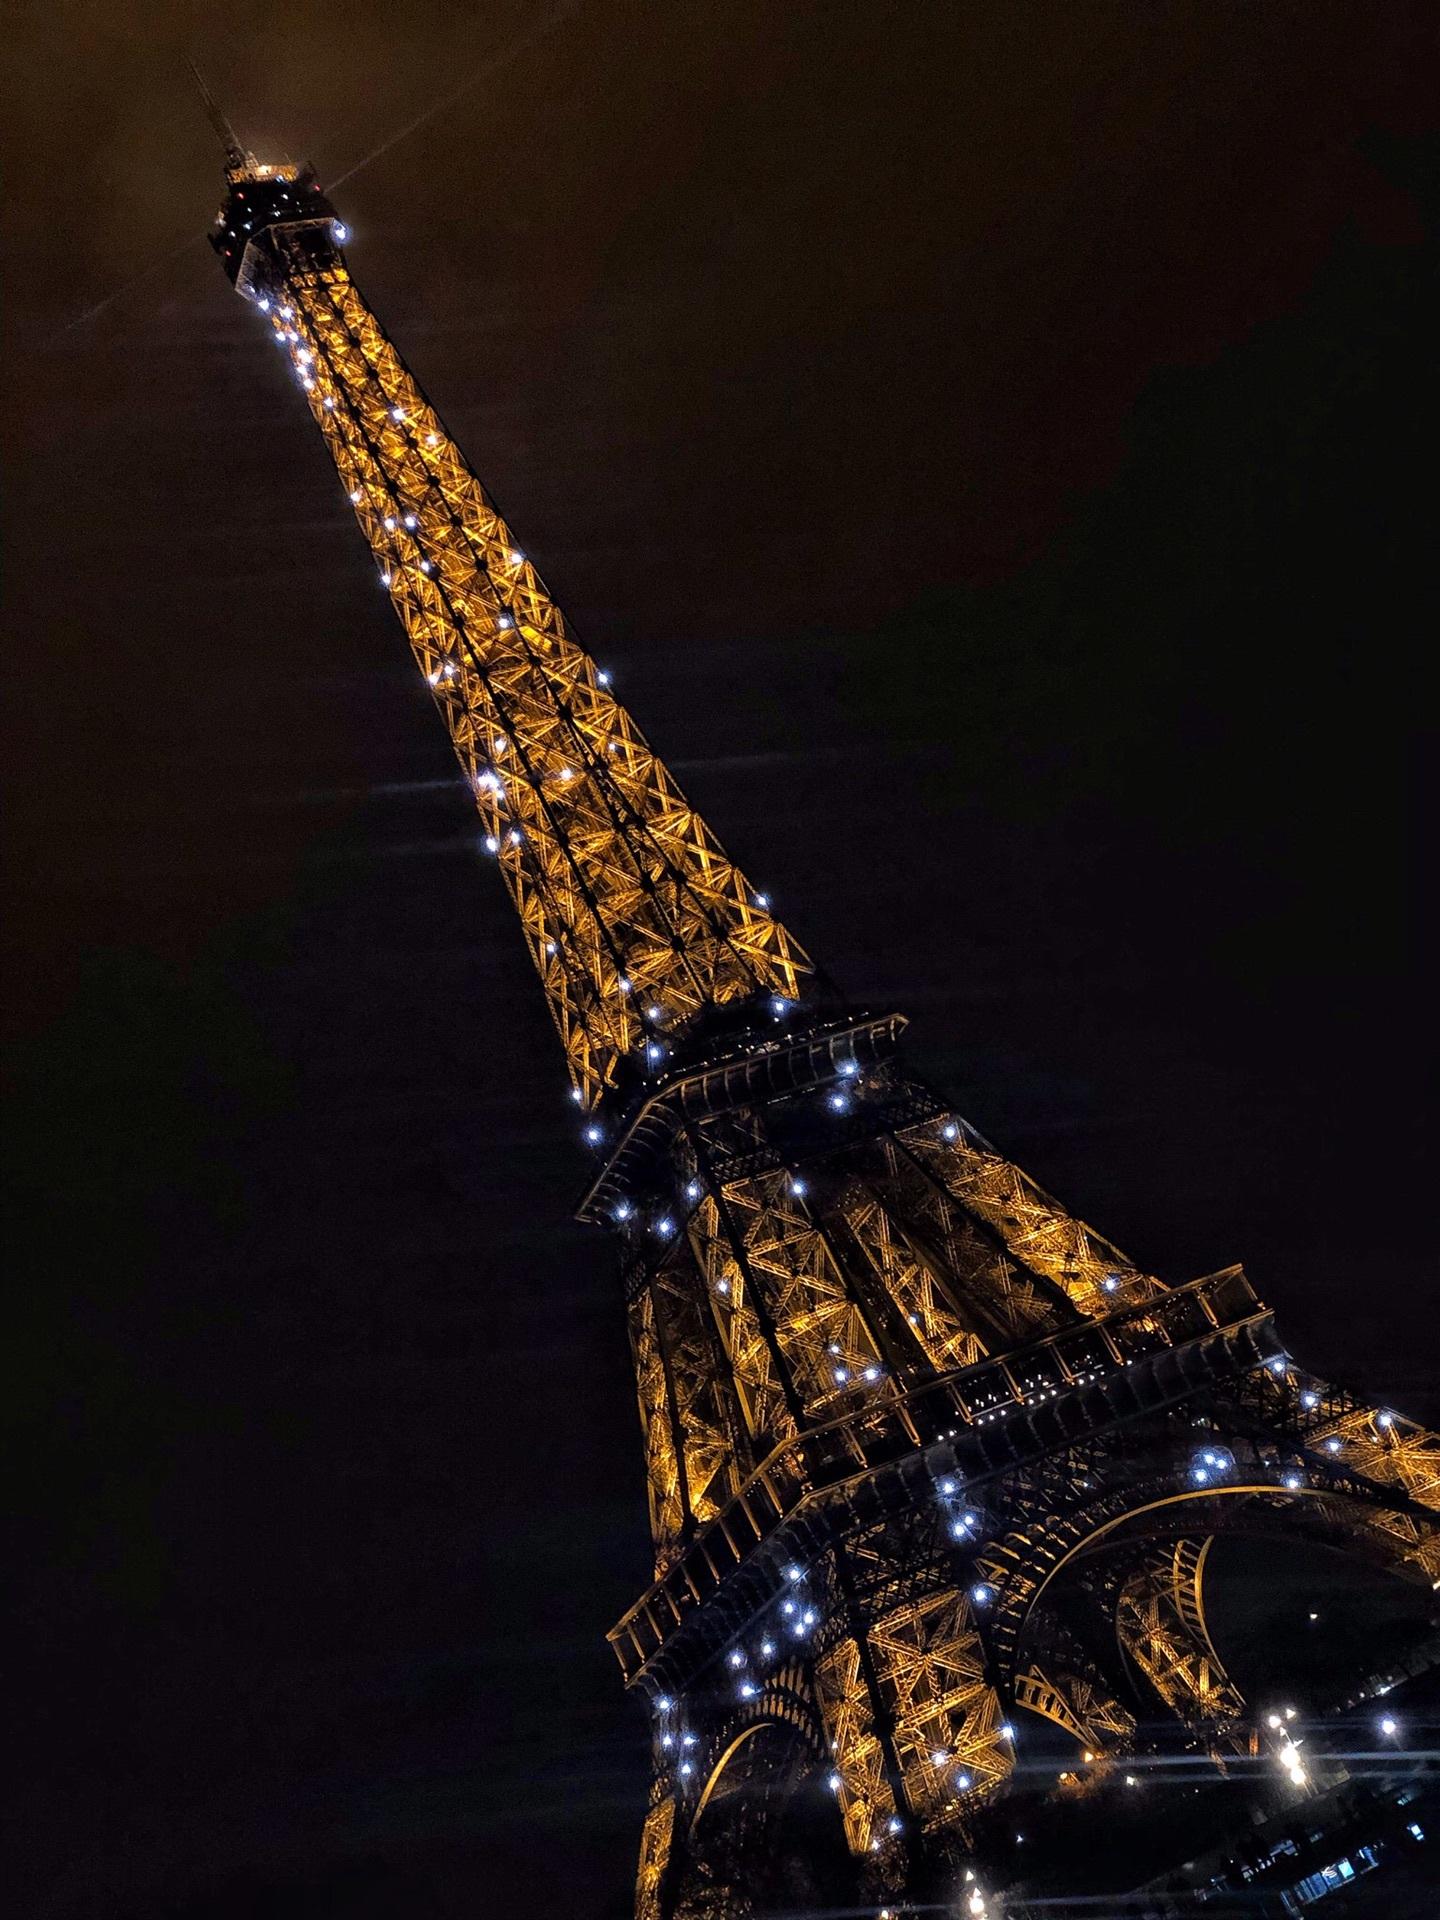 肖先森爱旅游之跟团游巴黎四国欧洲意瑞,德法旅行攻略联合袭击攻略荣誉勋章视频图片